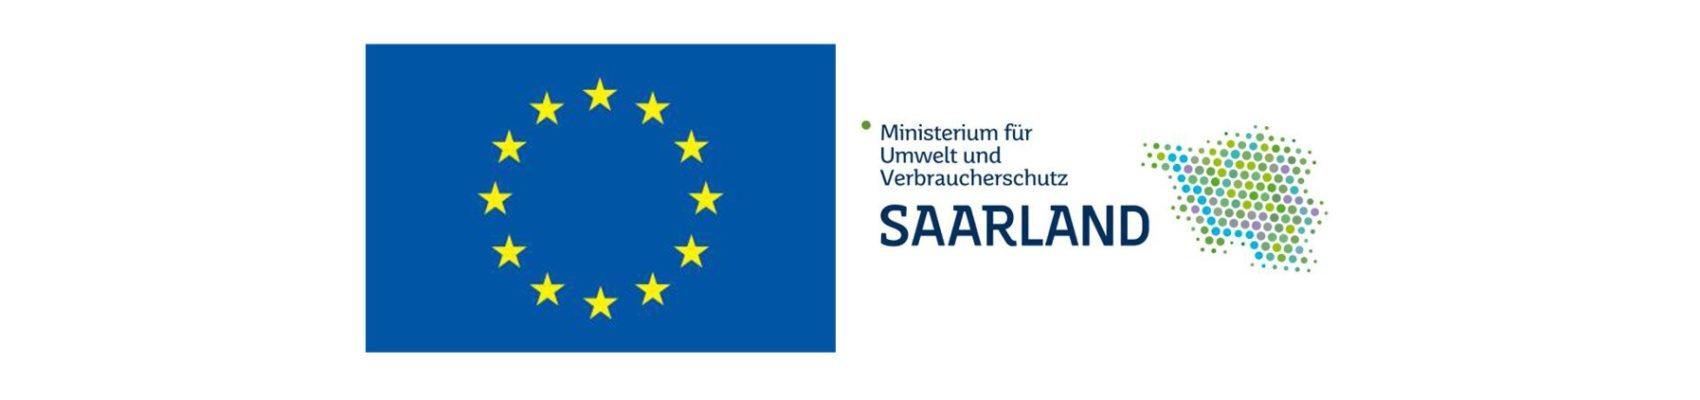 Logos: EU, Ministerium für Umwelt und Verbraucherschutz